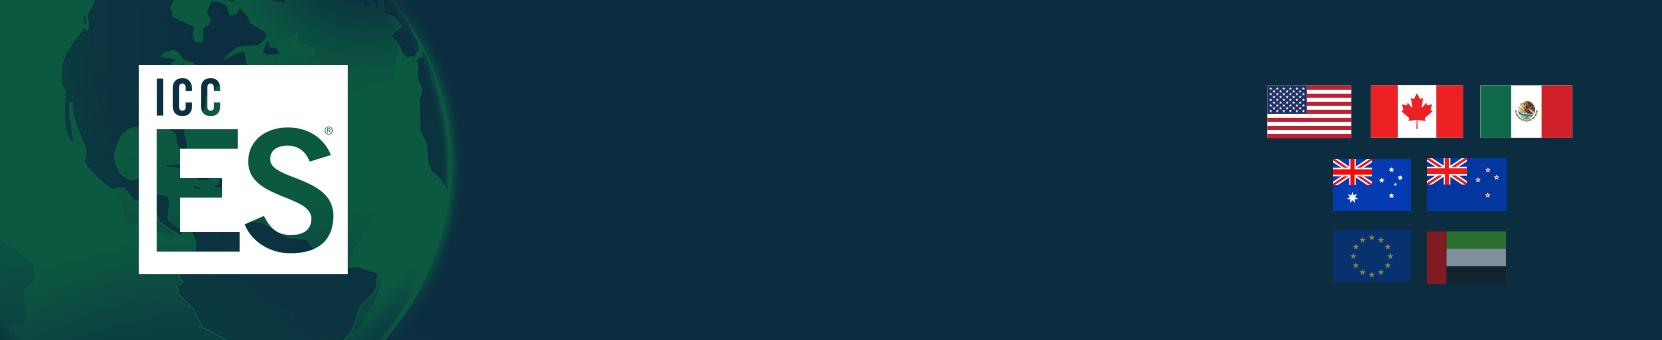 21 20524 ES Global Sliding Banner 1662x340 FINAL V2 A